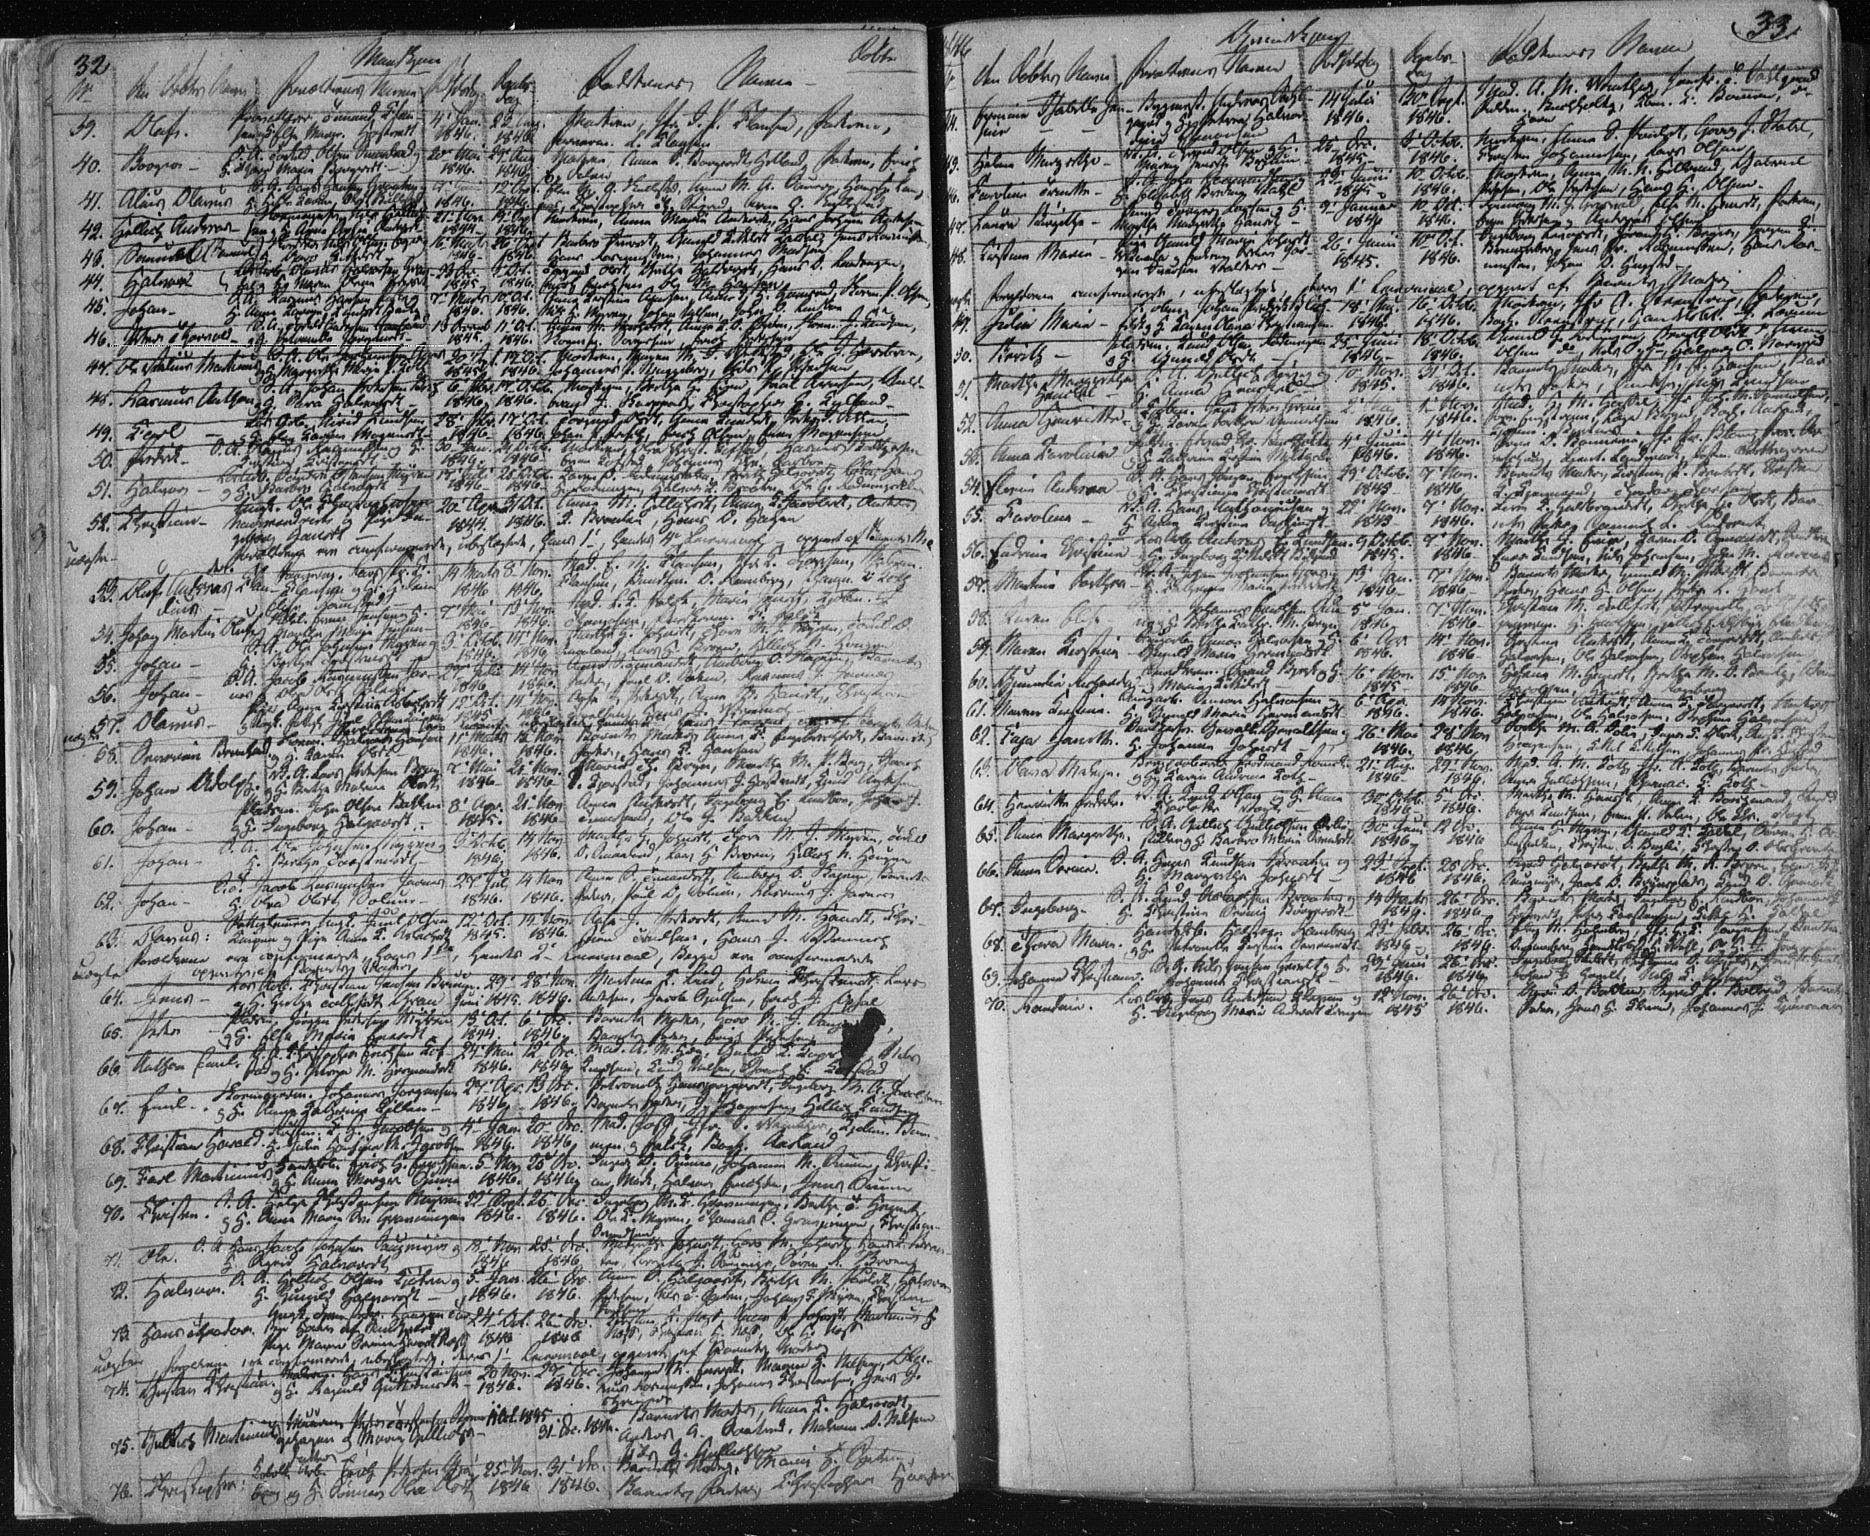 SAKO, Kongsberg kirkebøker, F/Fa/L0009: Ministerialbok nr. I 9, 1839-1858, s. 32-33